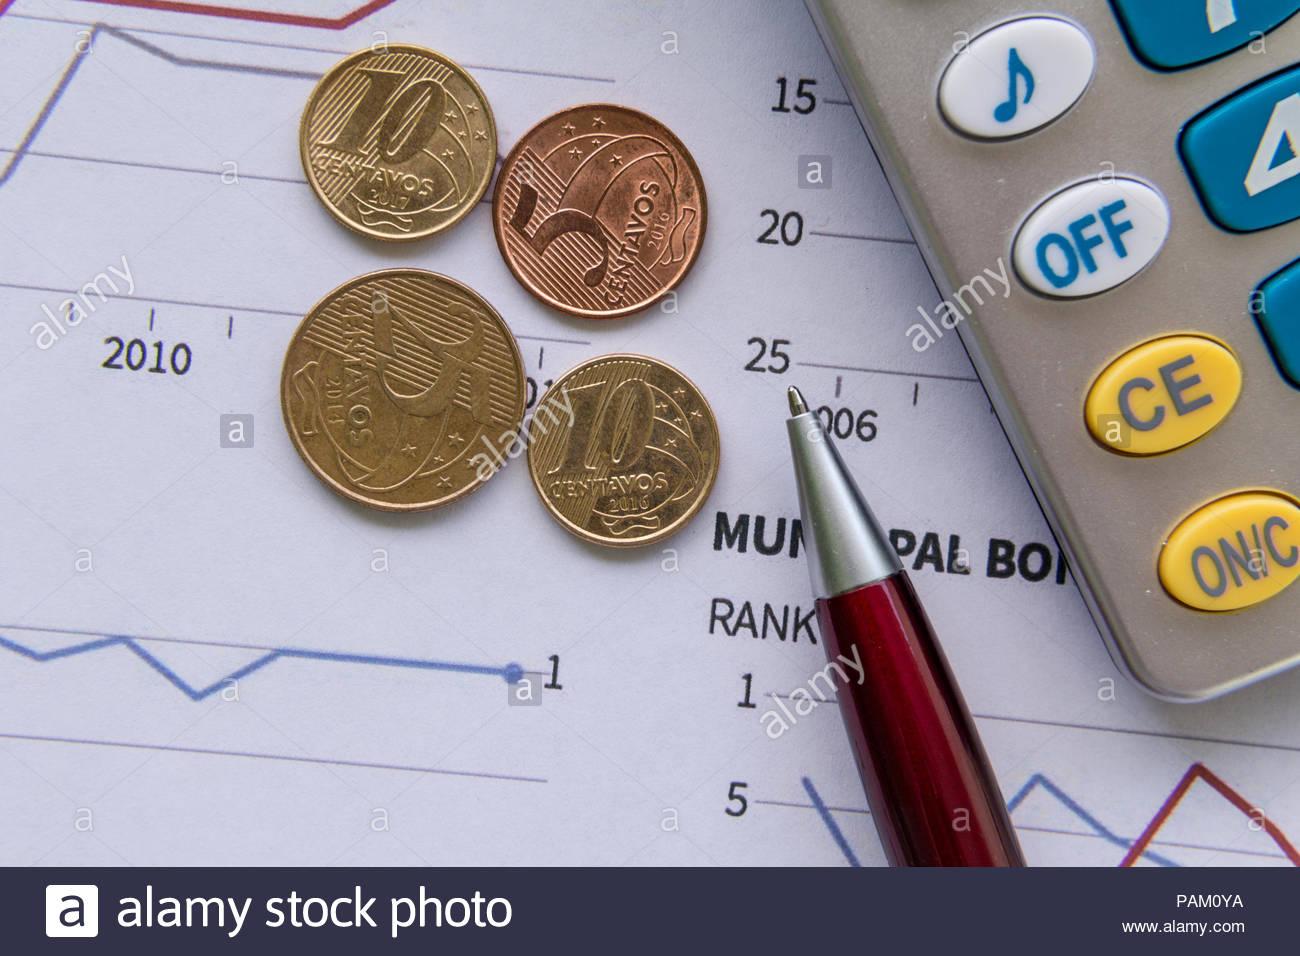 Pen pal money